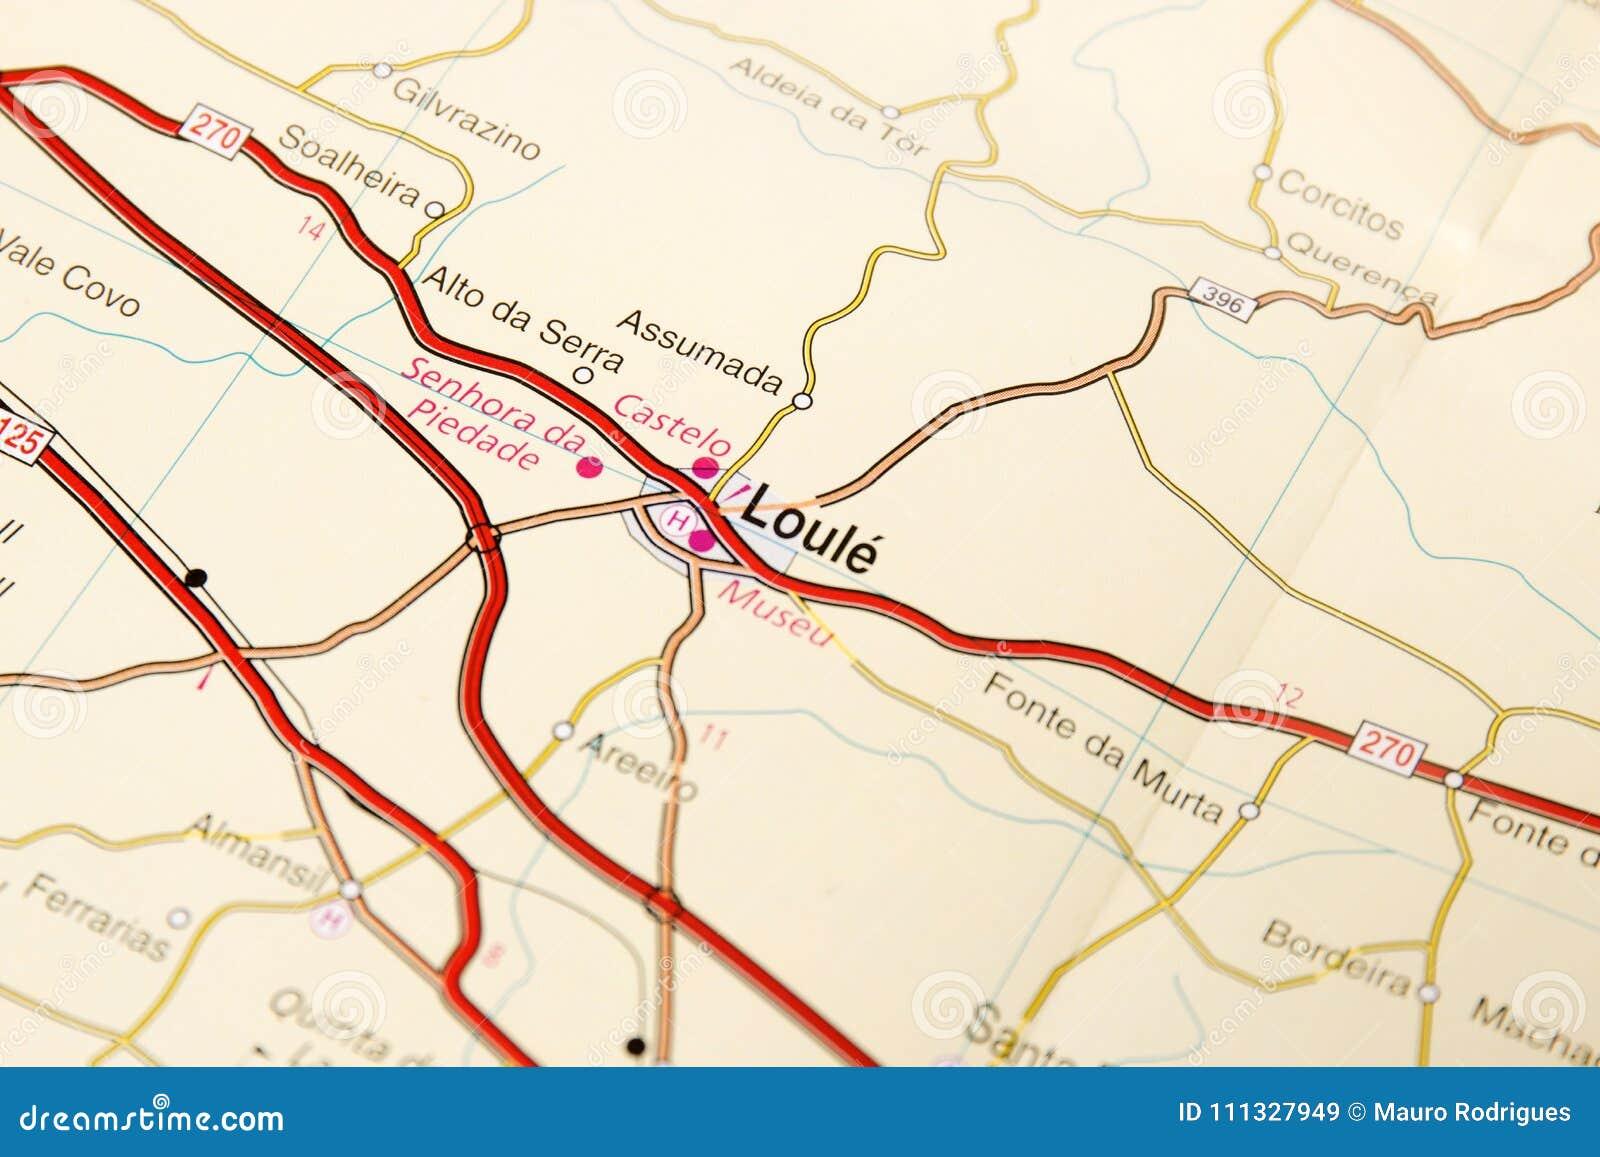 Detalhe Do Mapa De Estradas Imagem De Stock Imagem De Aeroporto